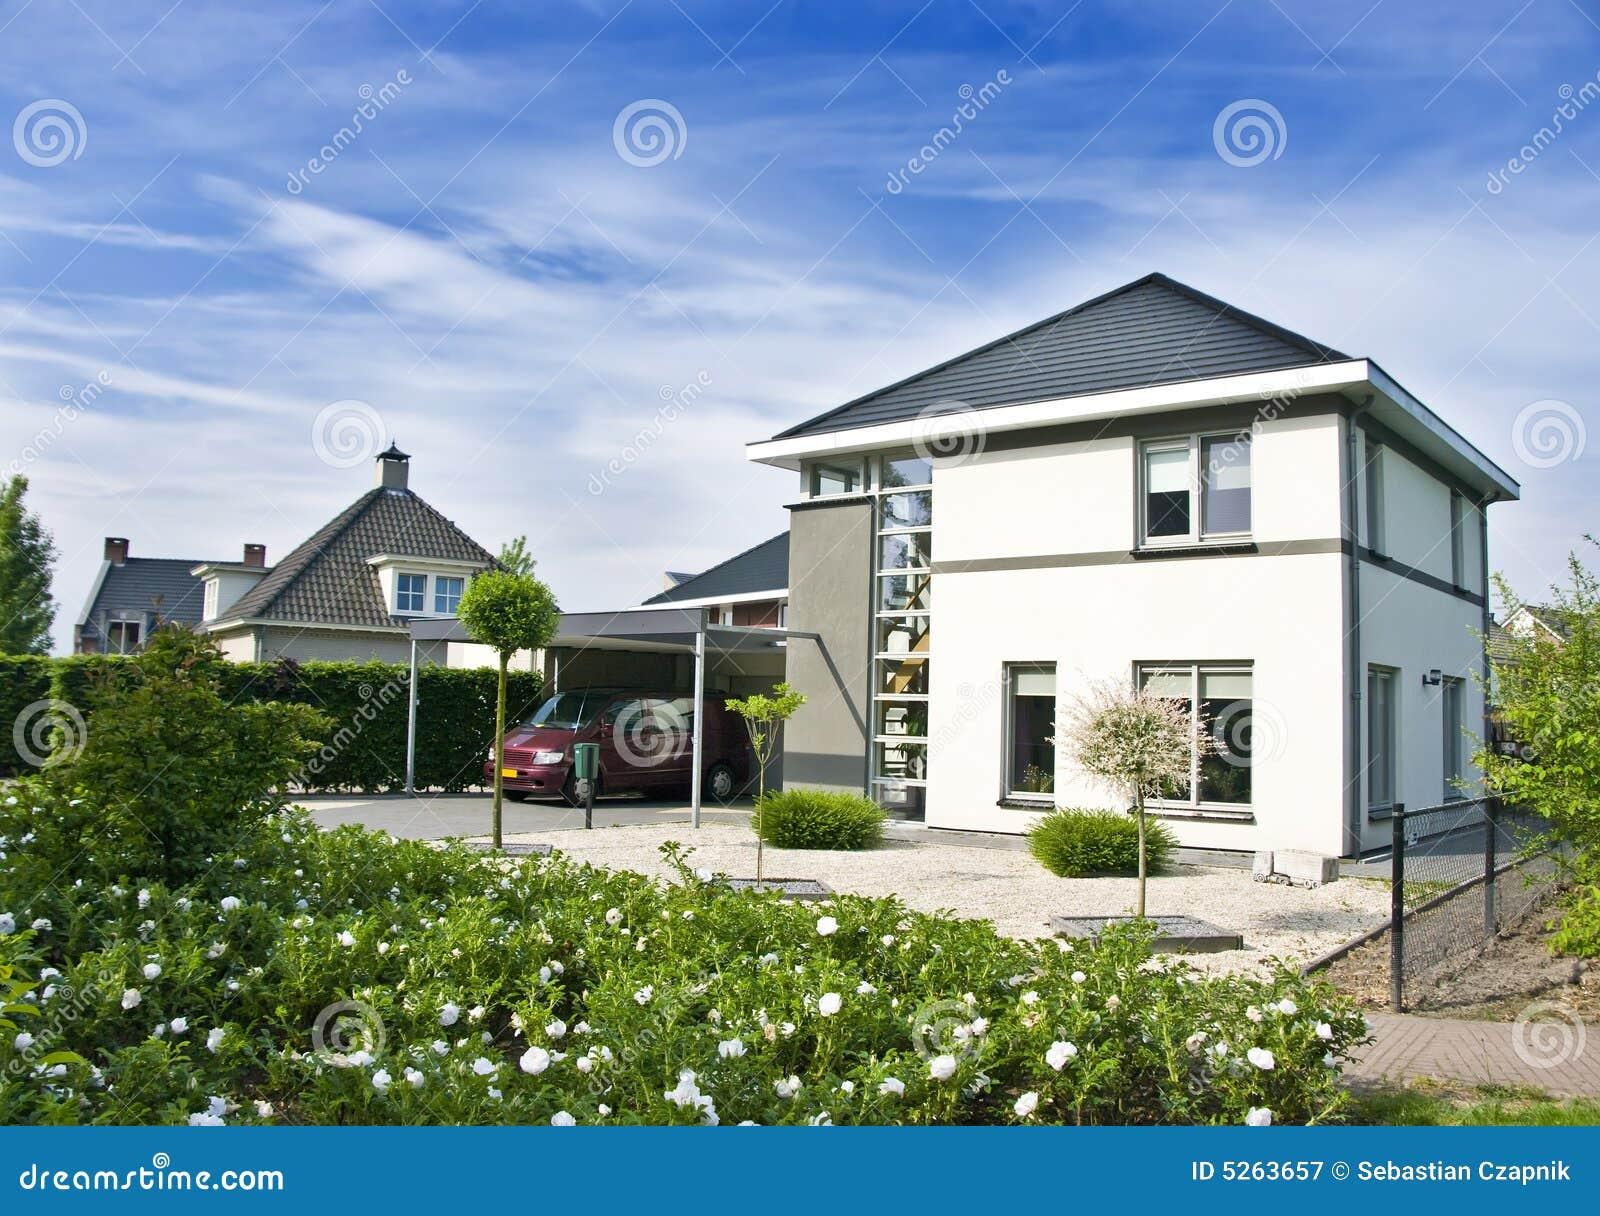 Moderne huis en tuin royalty vrije stock fotografie afbeelding 5263657 - Moderne uitbreiding huis ...